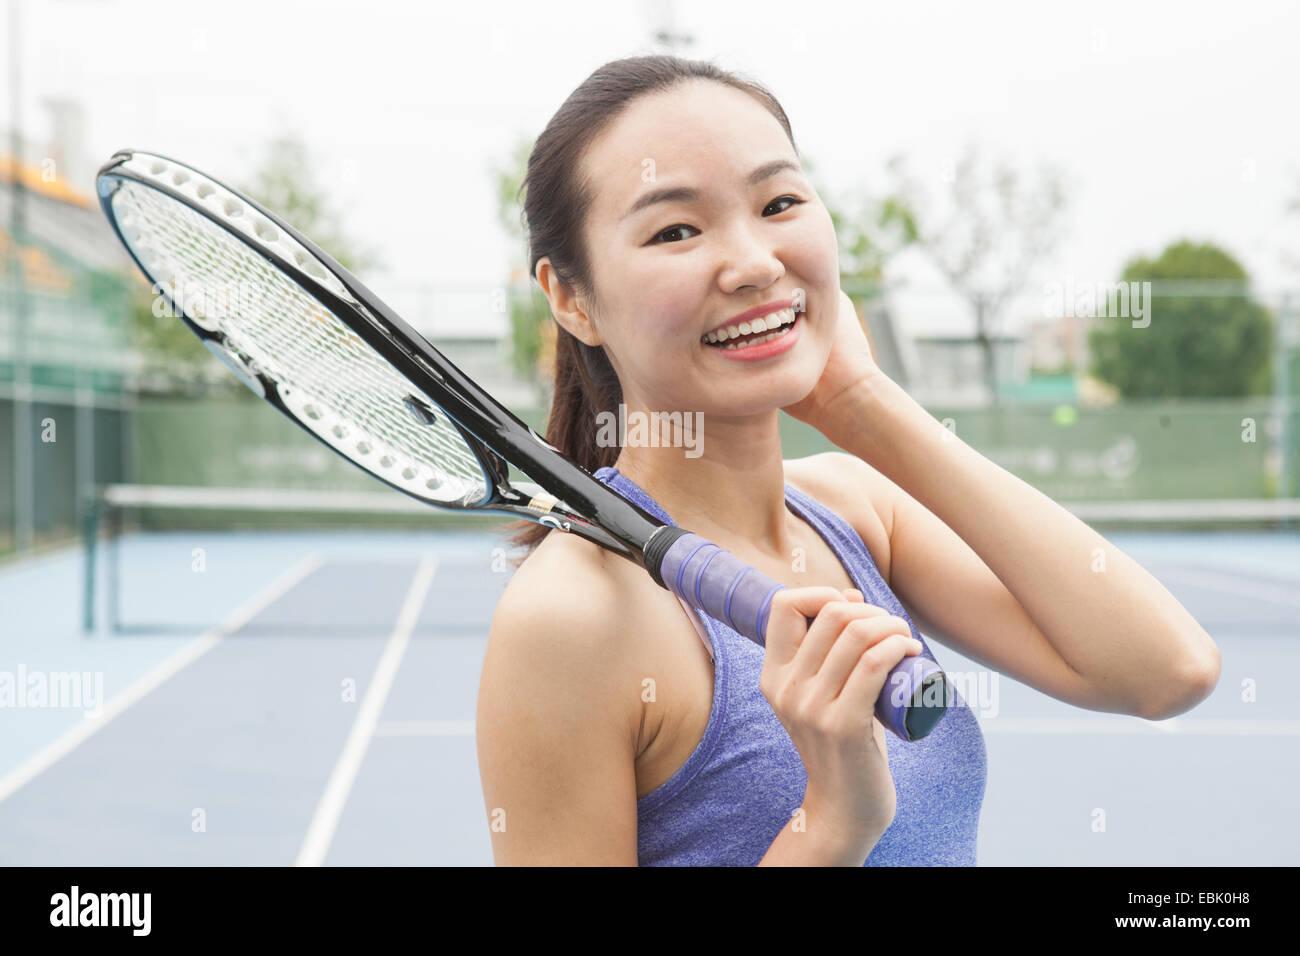 Retrato de mujer joven jugador de tenis en la cancha de tenis Foto de stock